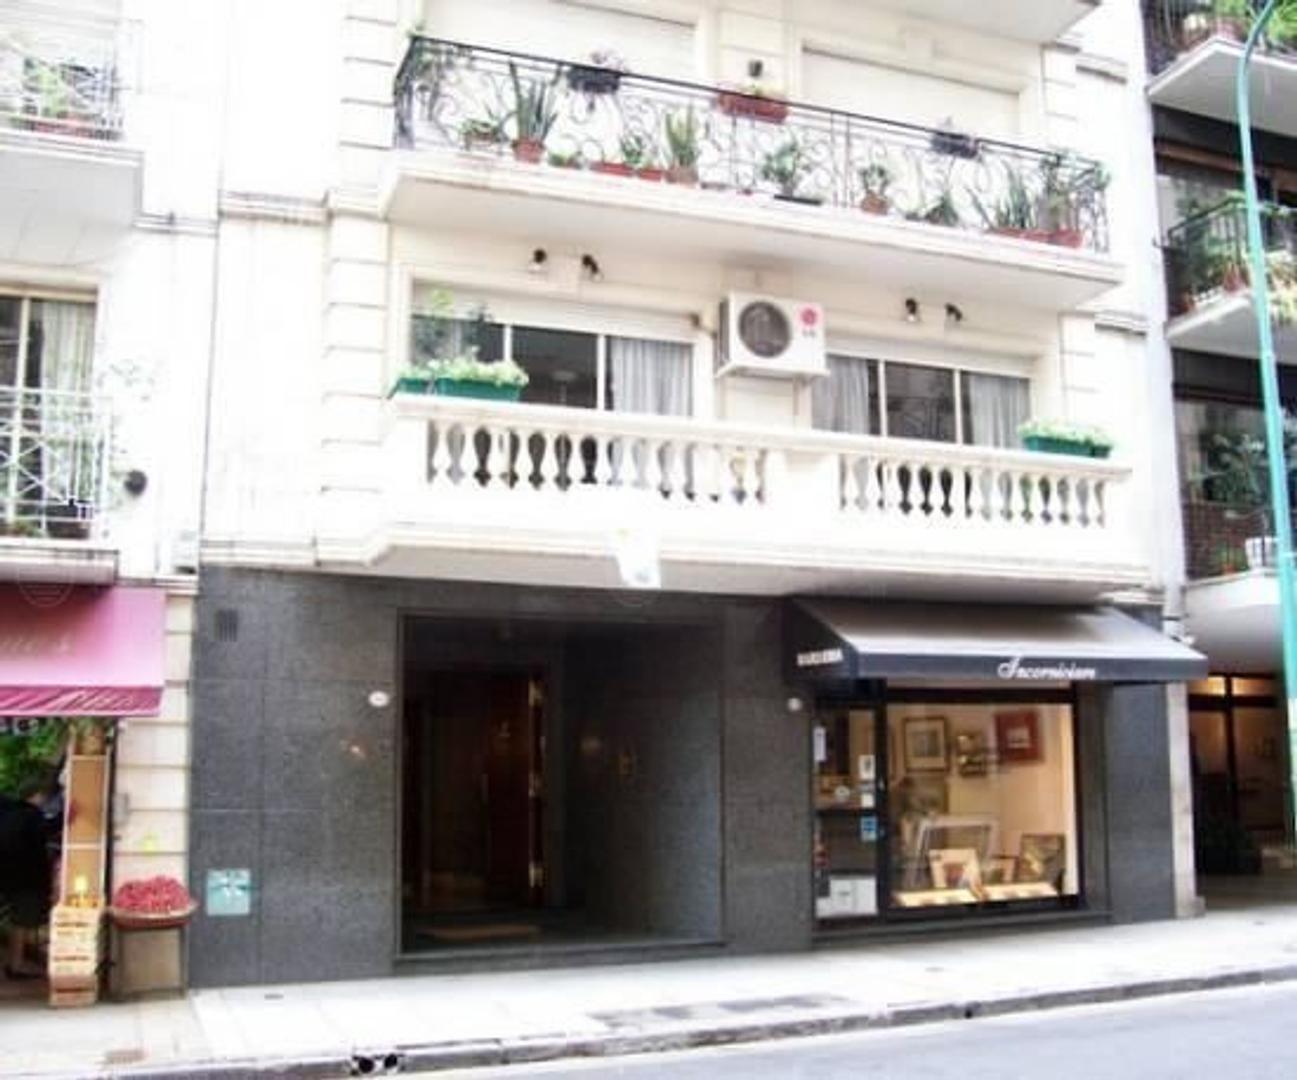 Piso Prox Plaza Vicente Lopez Bajas expensas  3 dormitorios Juncal 1600